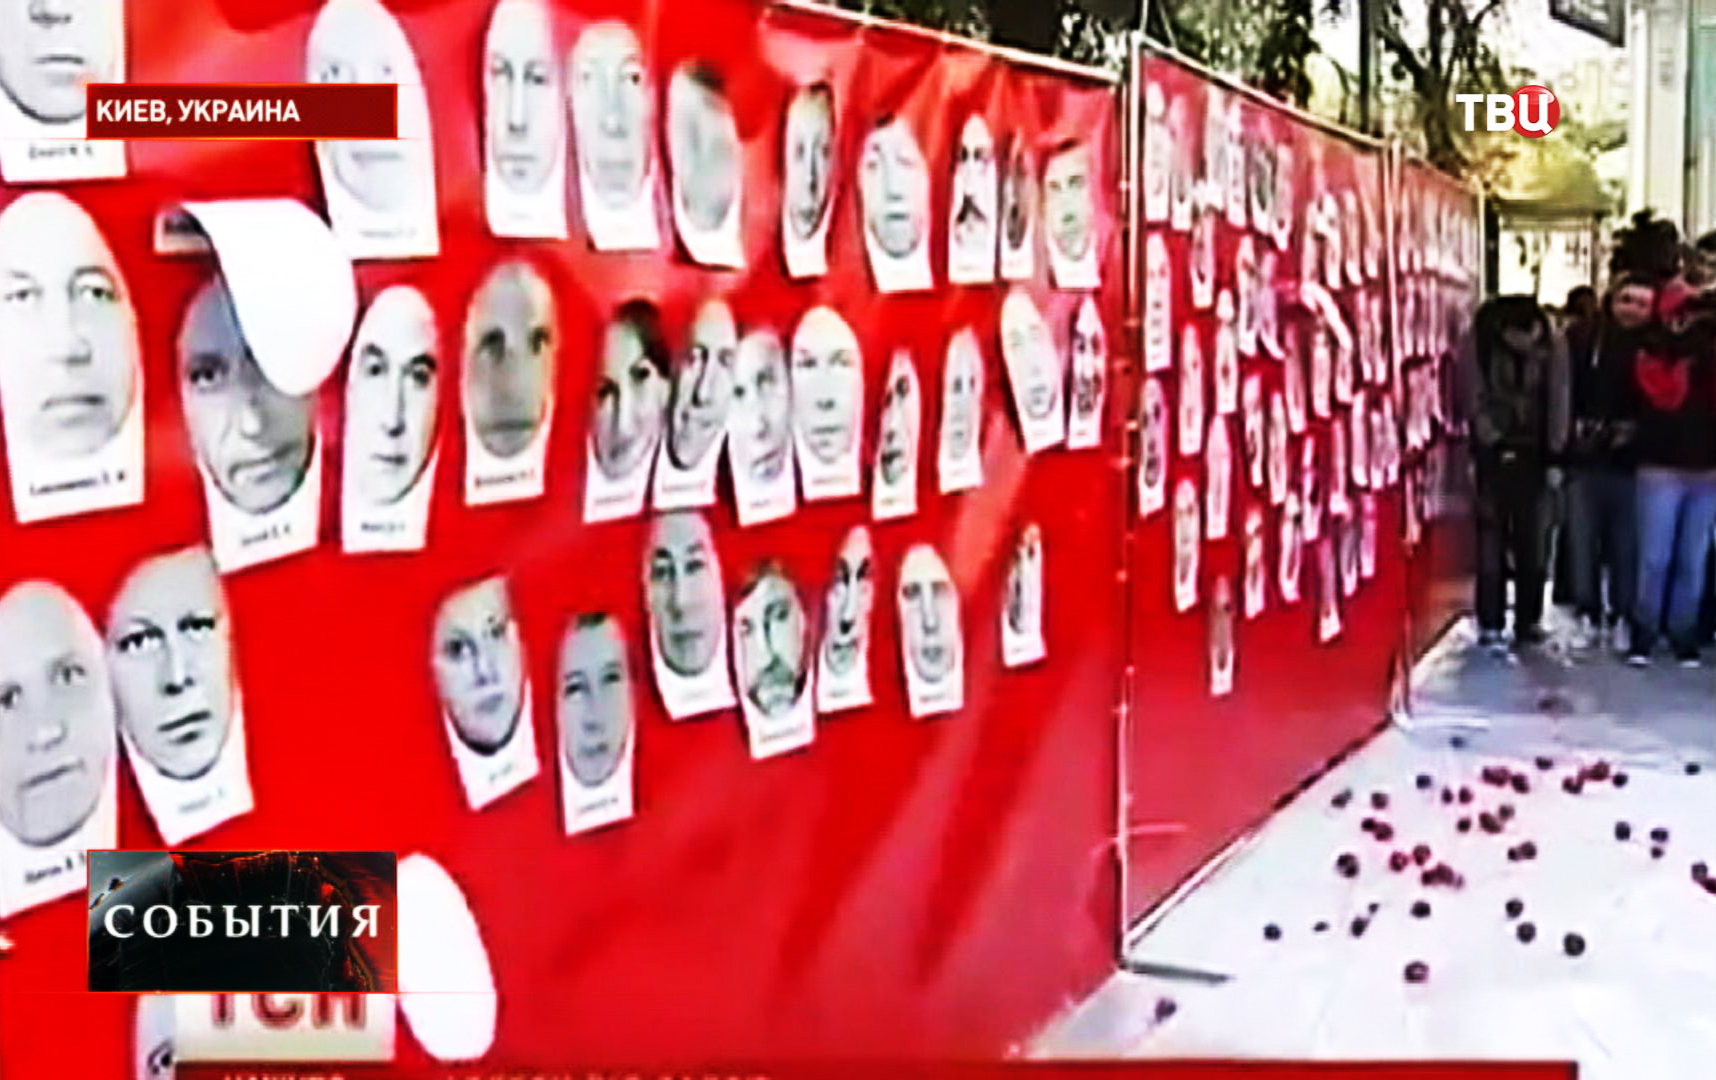 """Украинские активисты """"расстреливают"""" портреты парламентариев томатами"""